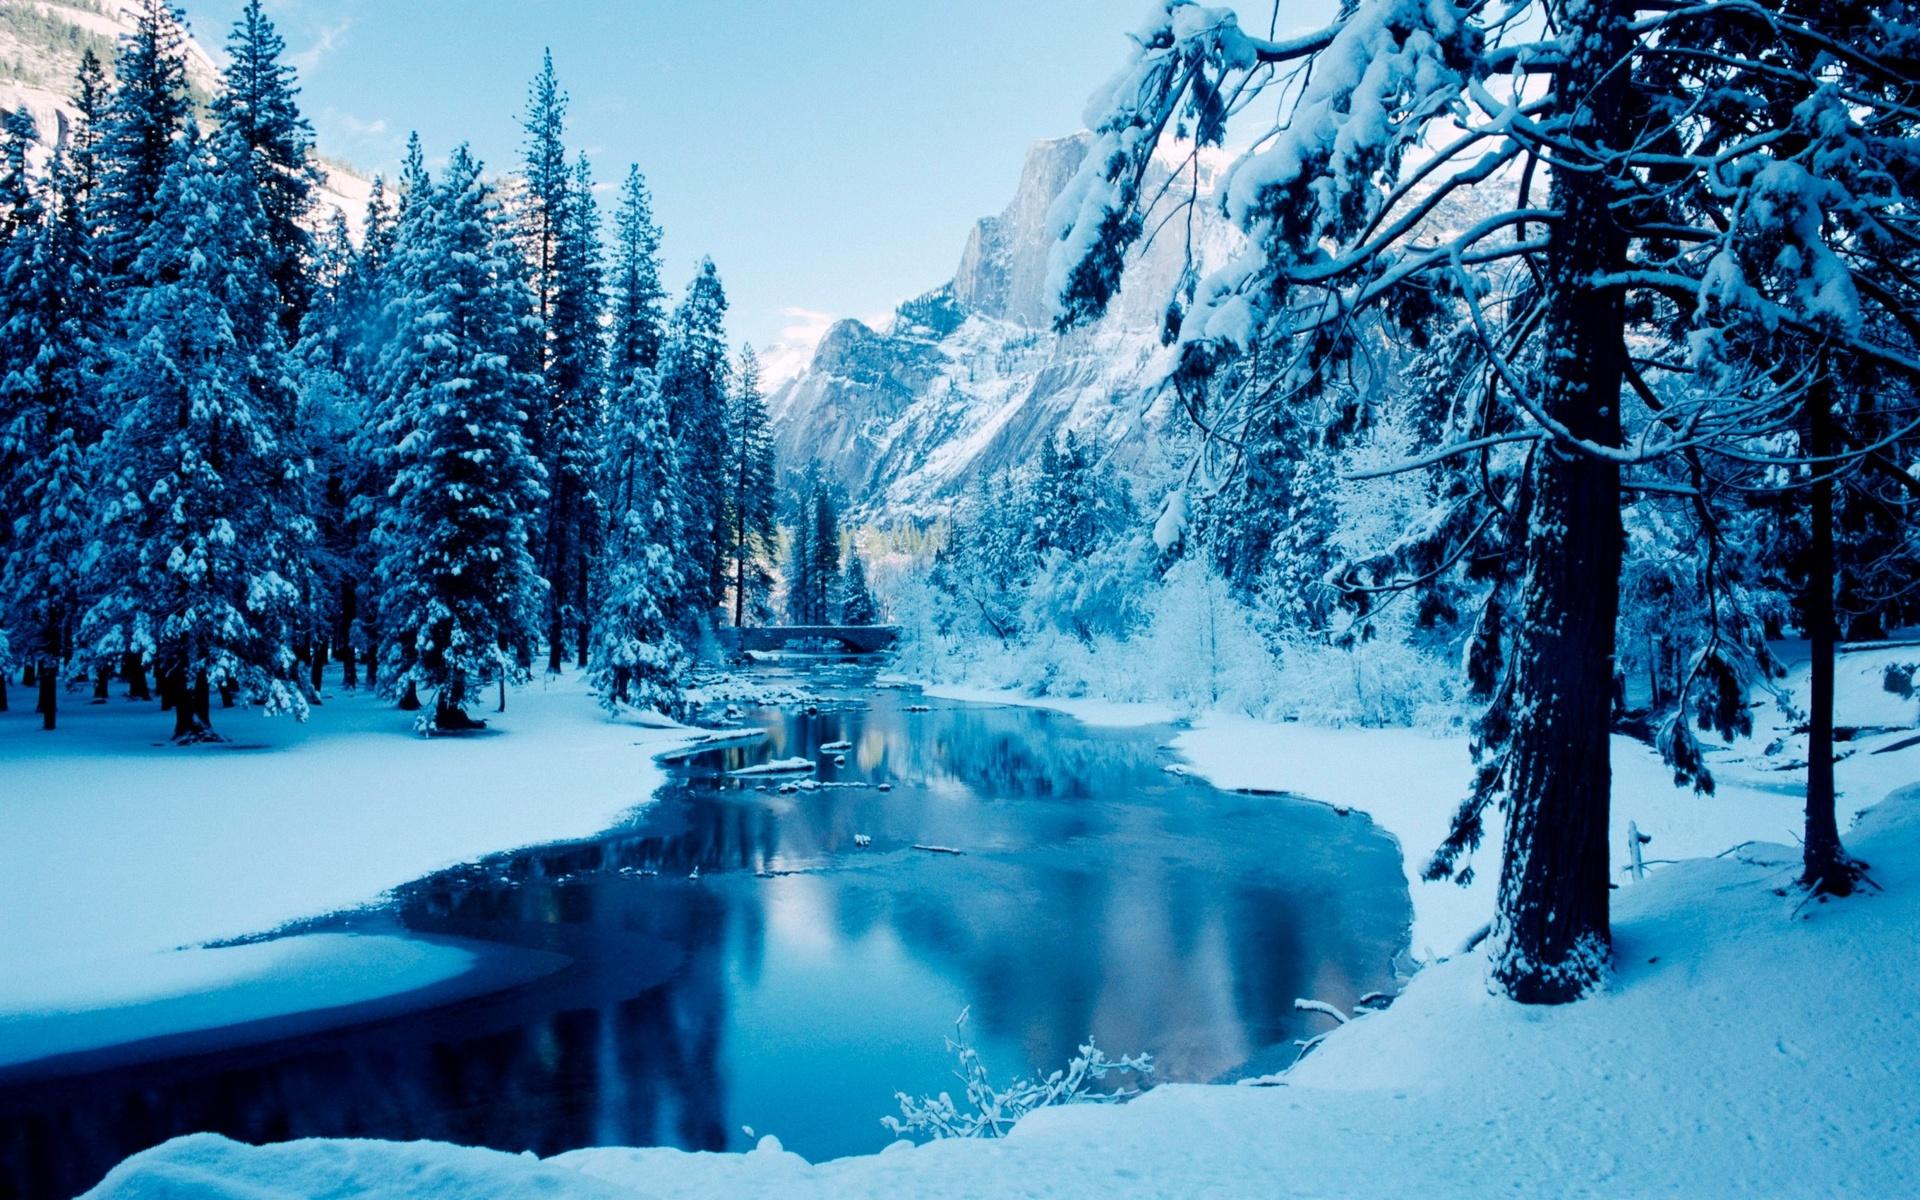 природа, пейзаж, снег, деревья, горы, река, лёд, зима